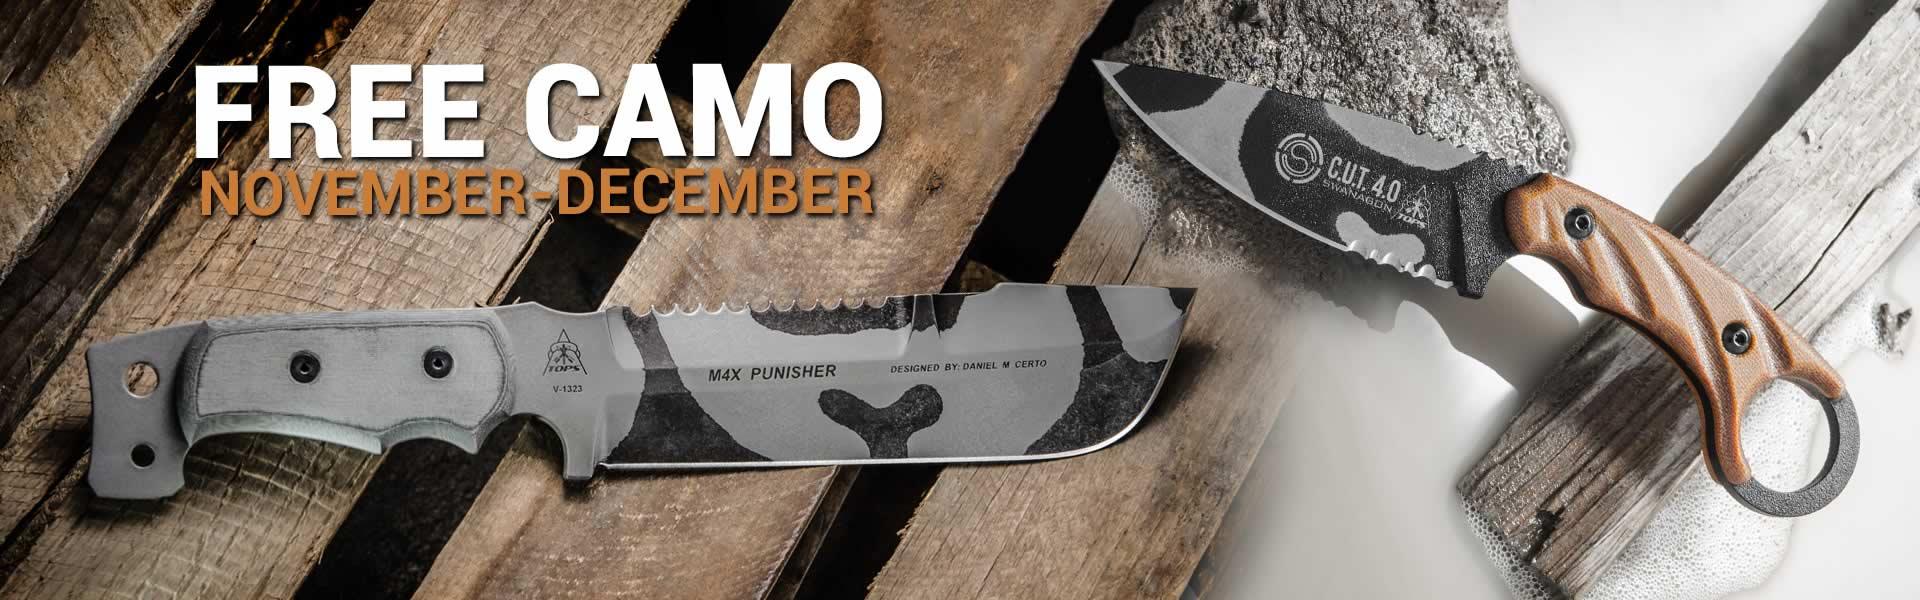 TOPS Knives - Free Camo